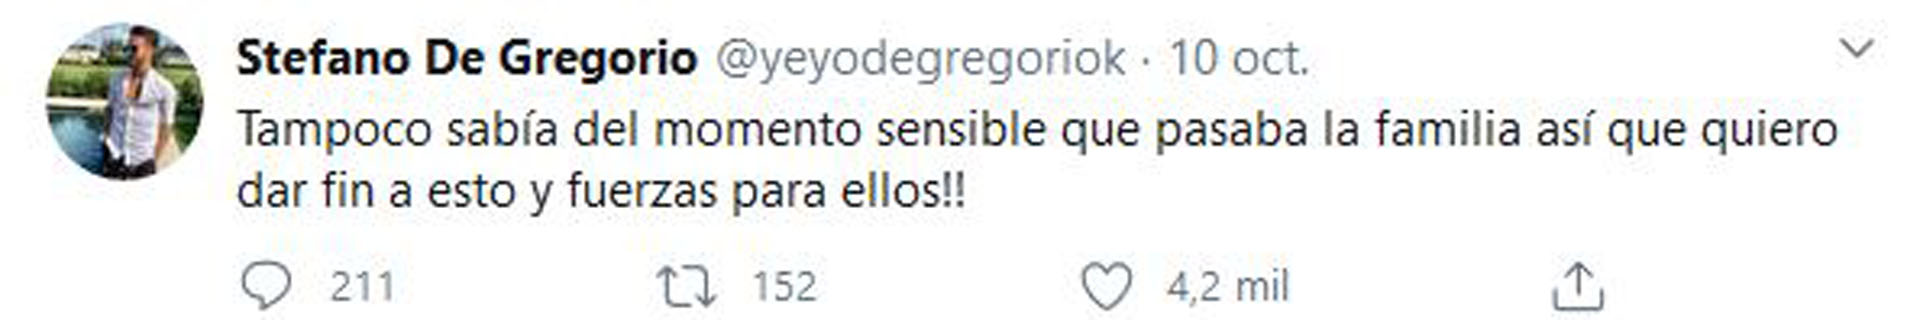 Los últimos mensajes que publicó Stéfano sobre el escándalo (Fotos: Twitter)